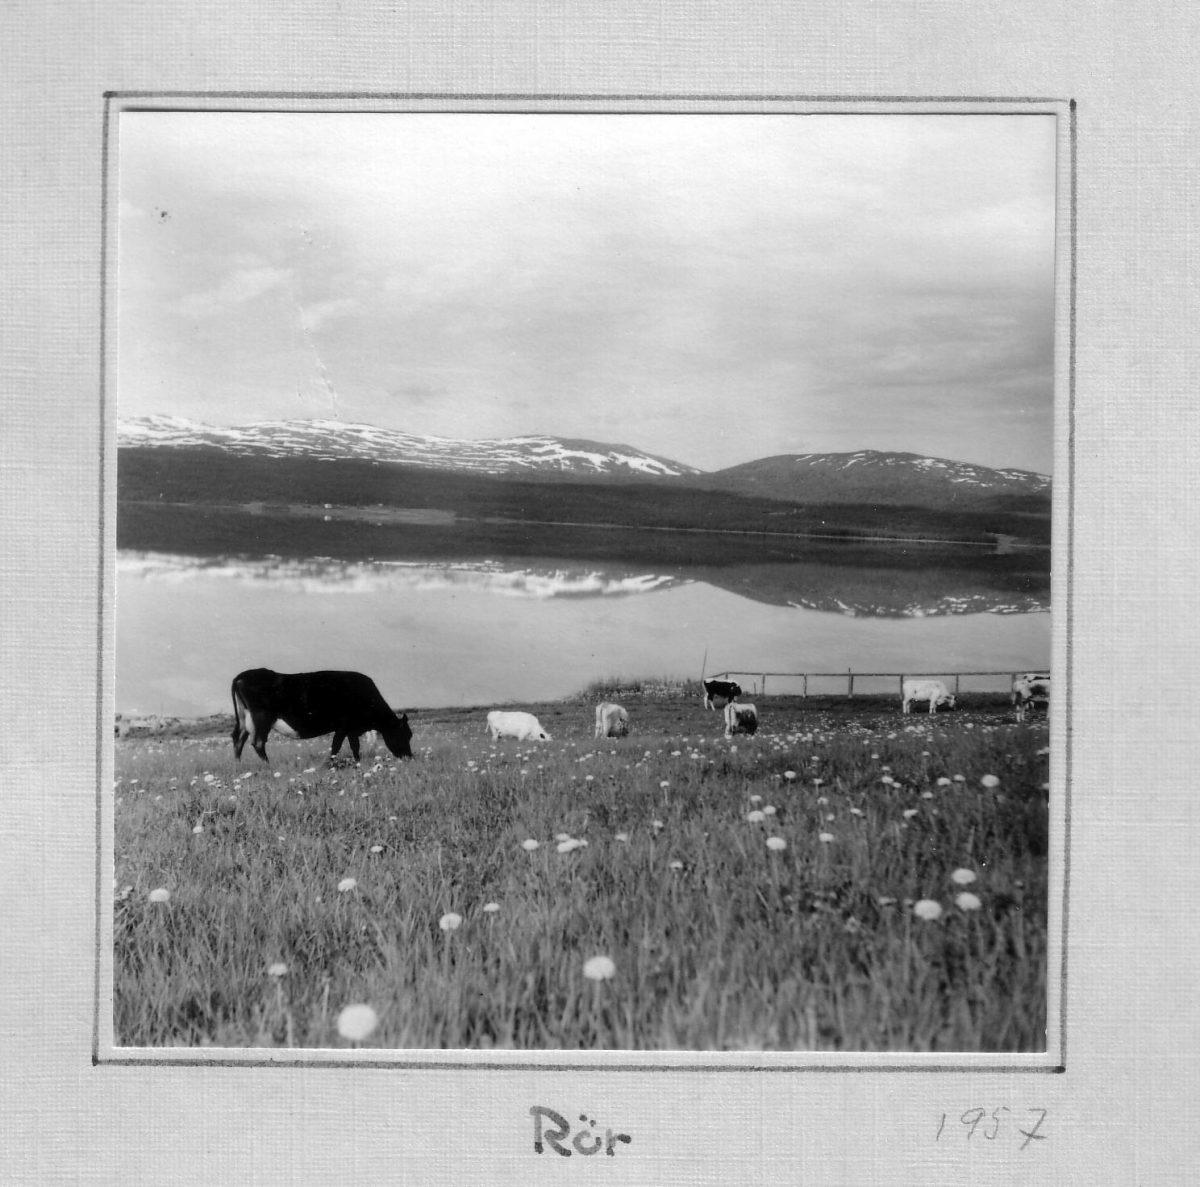 S.16 Rör 1957